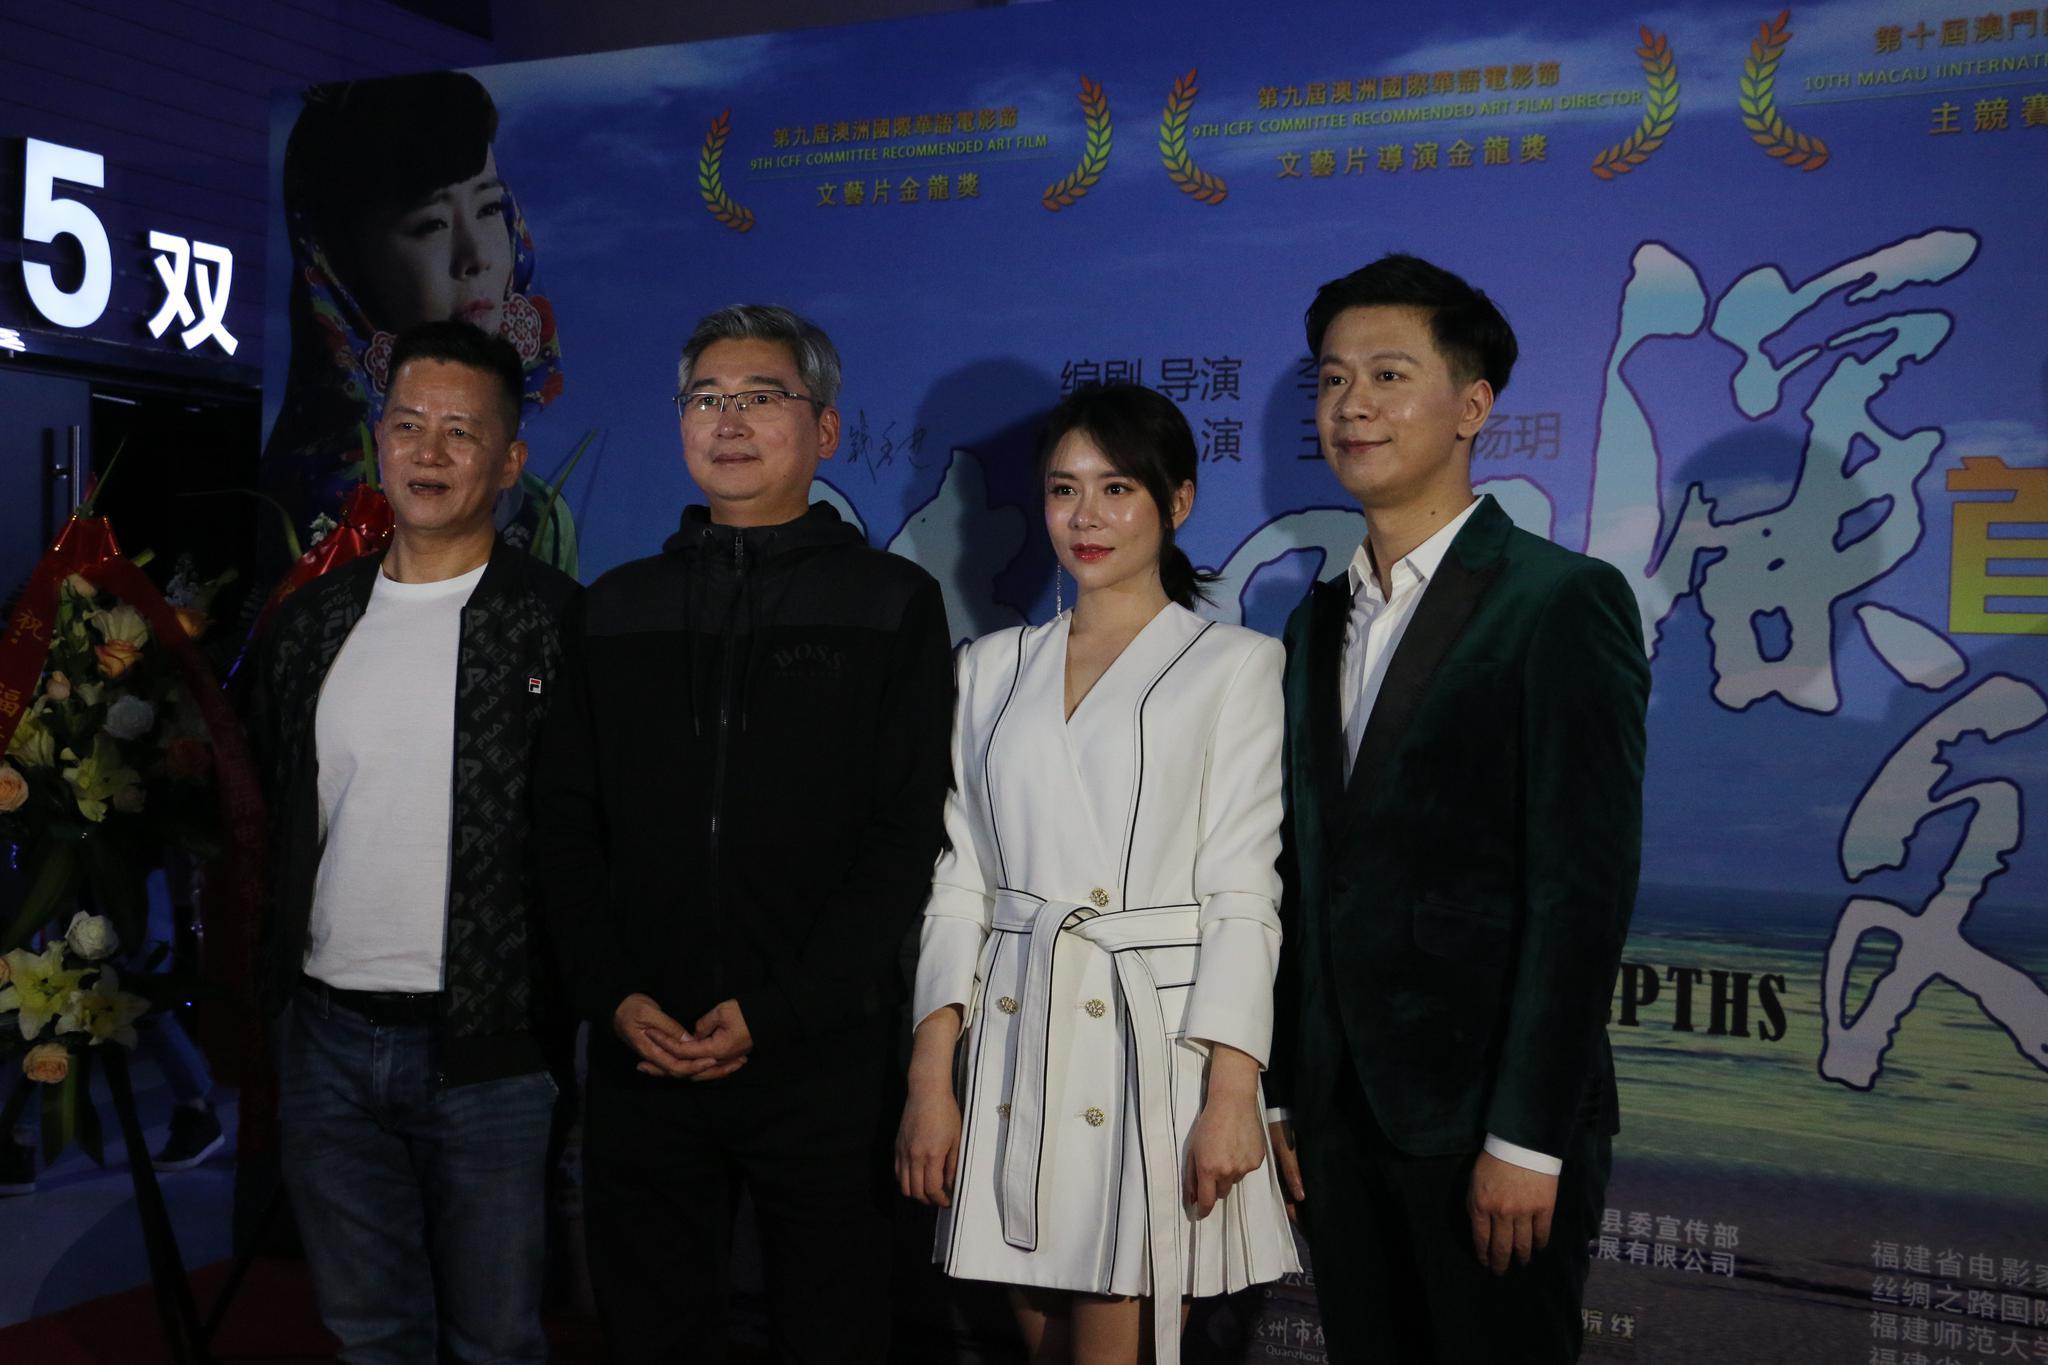 电影主创人员接受媒体采访,左二为导演李永超。